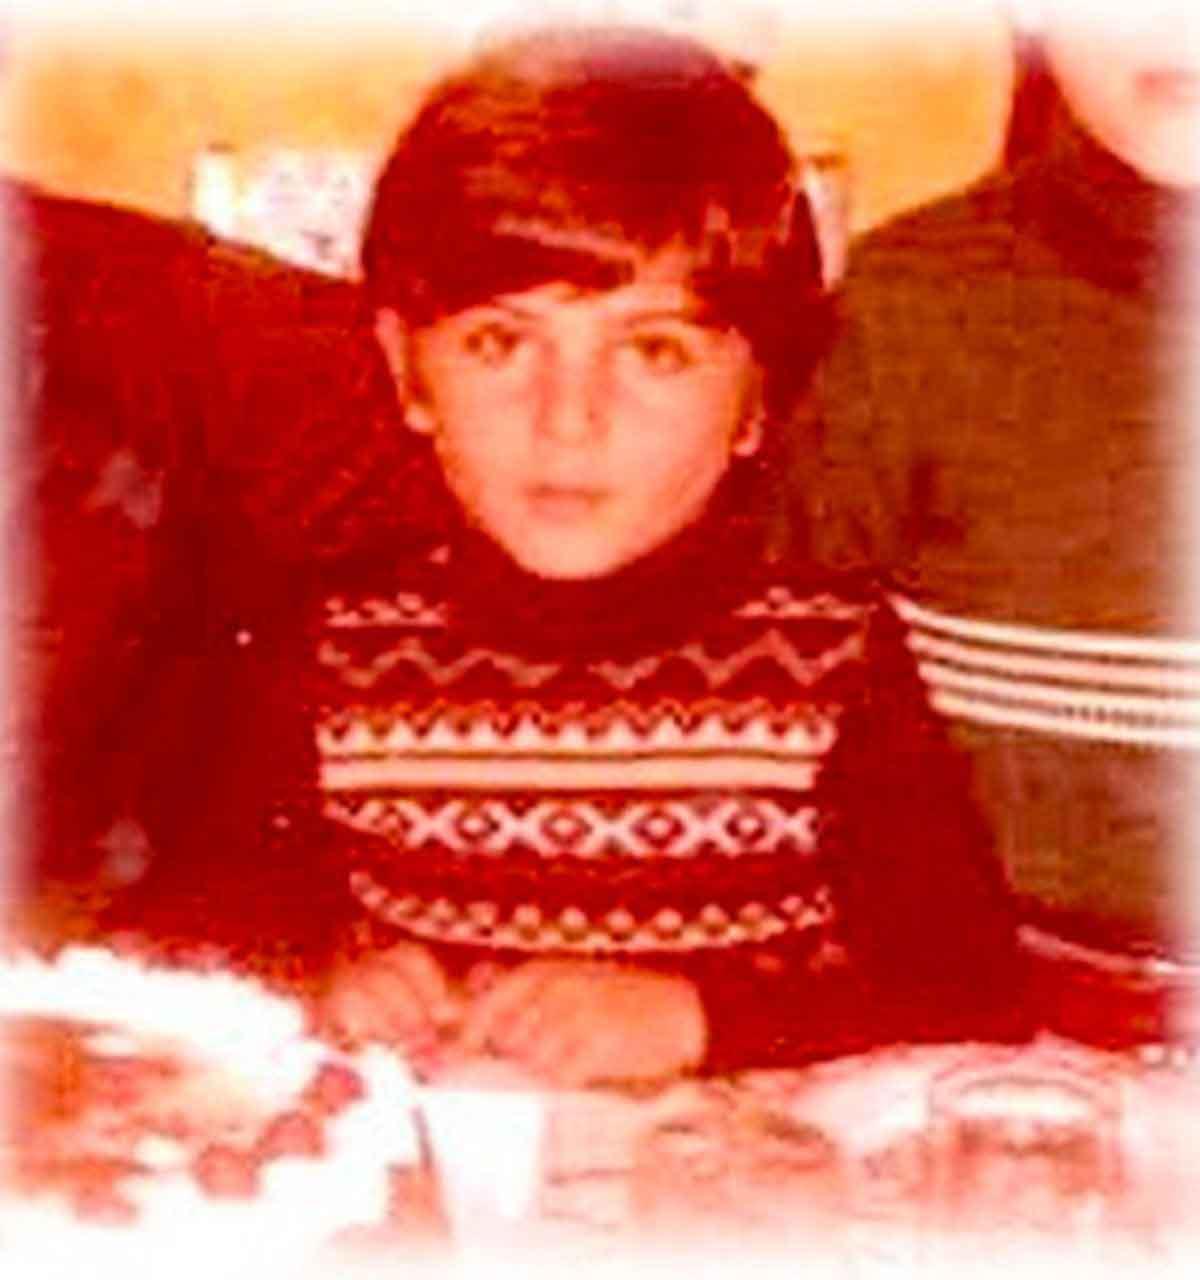 Tarkan'dan nostaljik paylaşım: 'Çocukluğumdan bir doğum günü fotoğrafı'